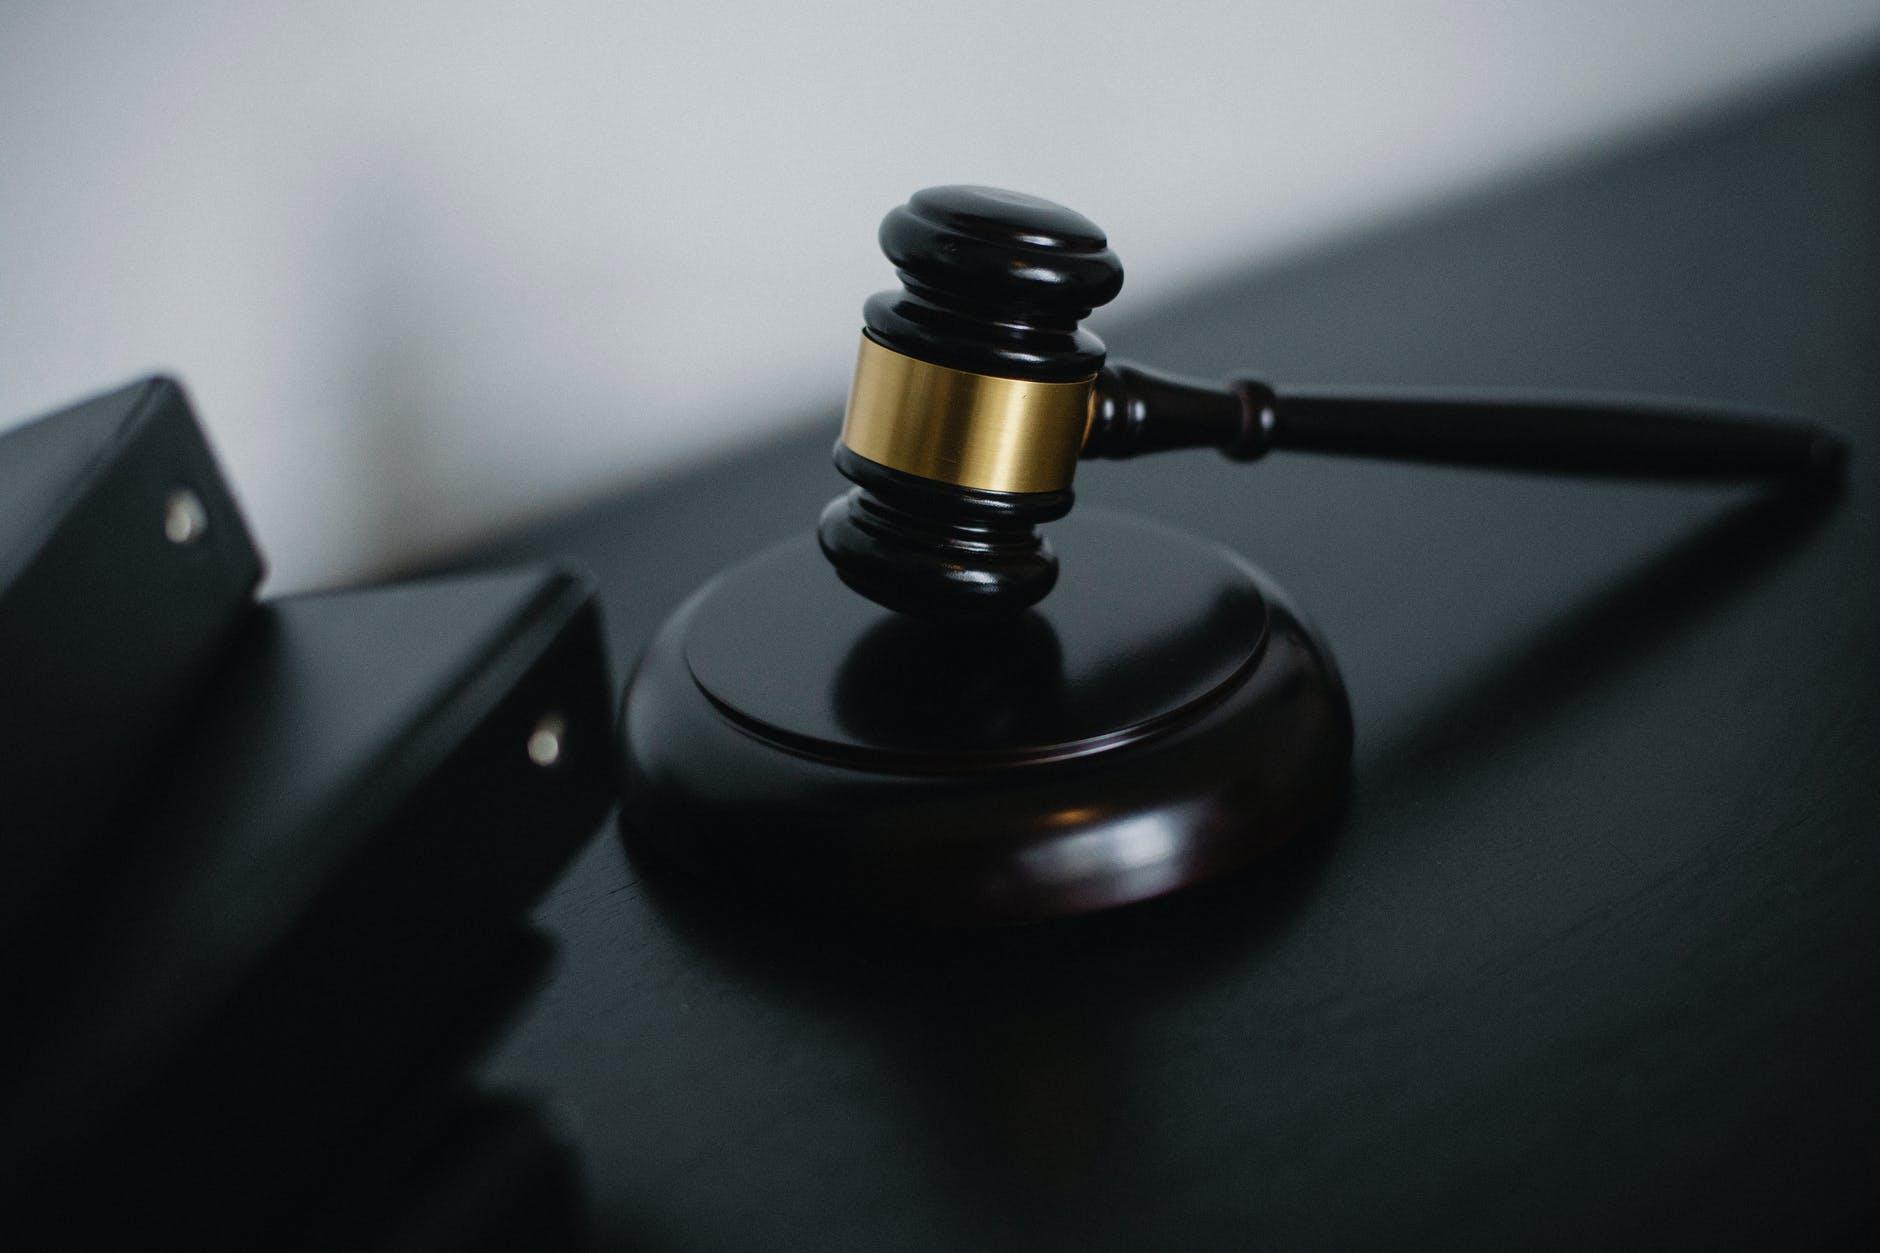 https://lisaslaw.co.uk/wp-content/uploads/2021/07/courts.jpeg